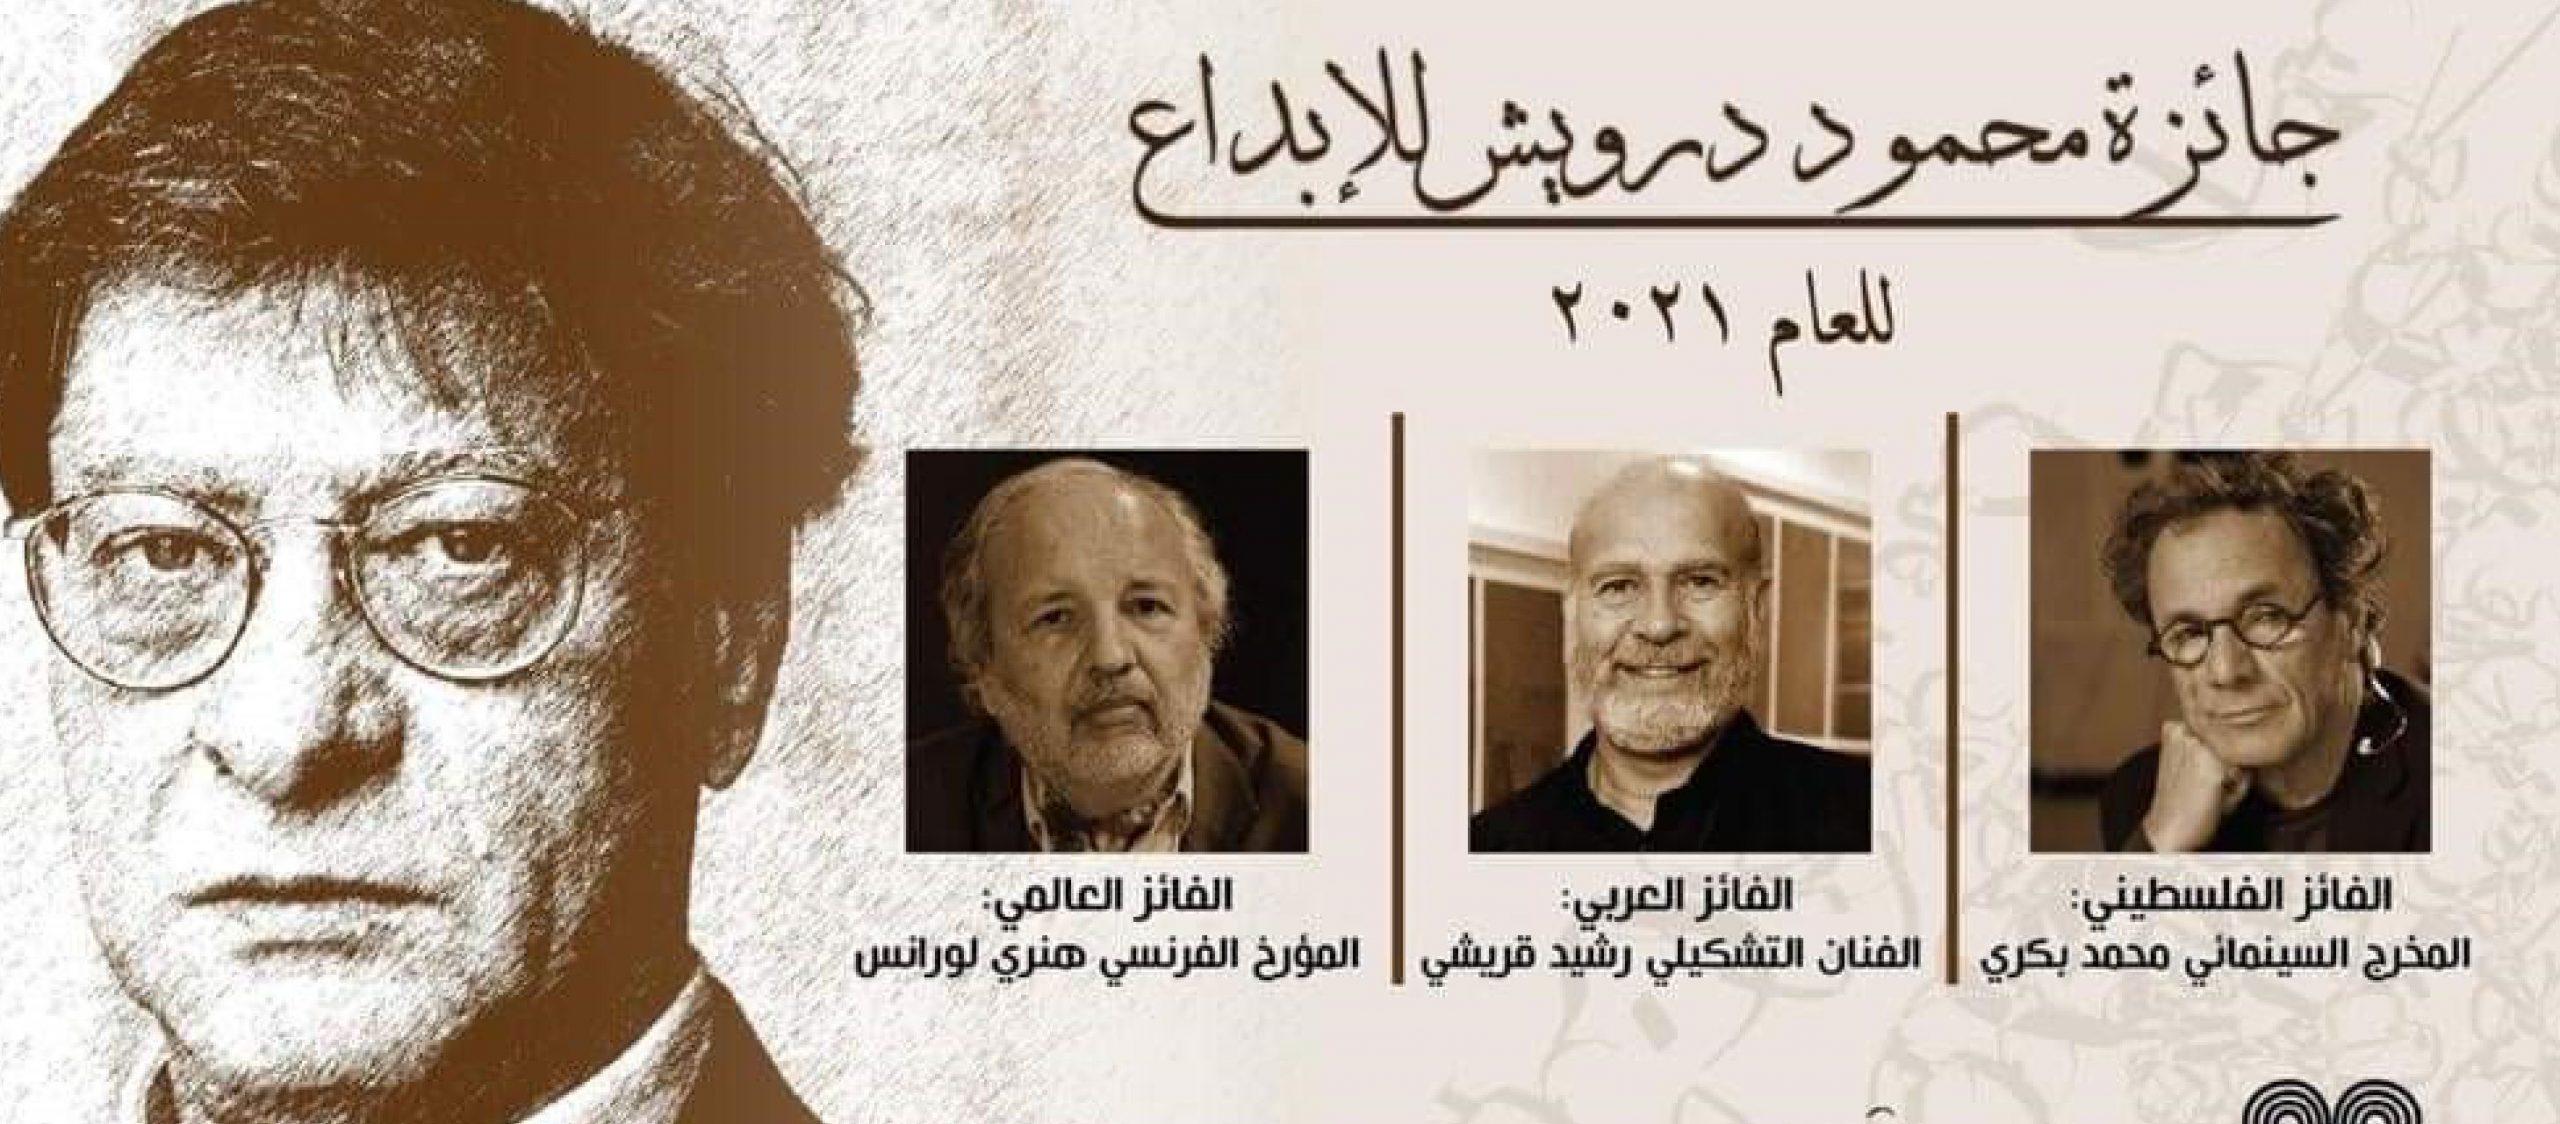 You are currently viewing إعلان أسماء الفائزين بجائزة محمود درويش للإبداع